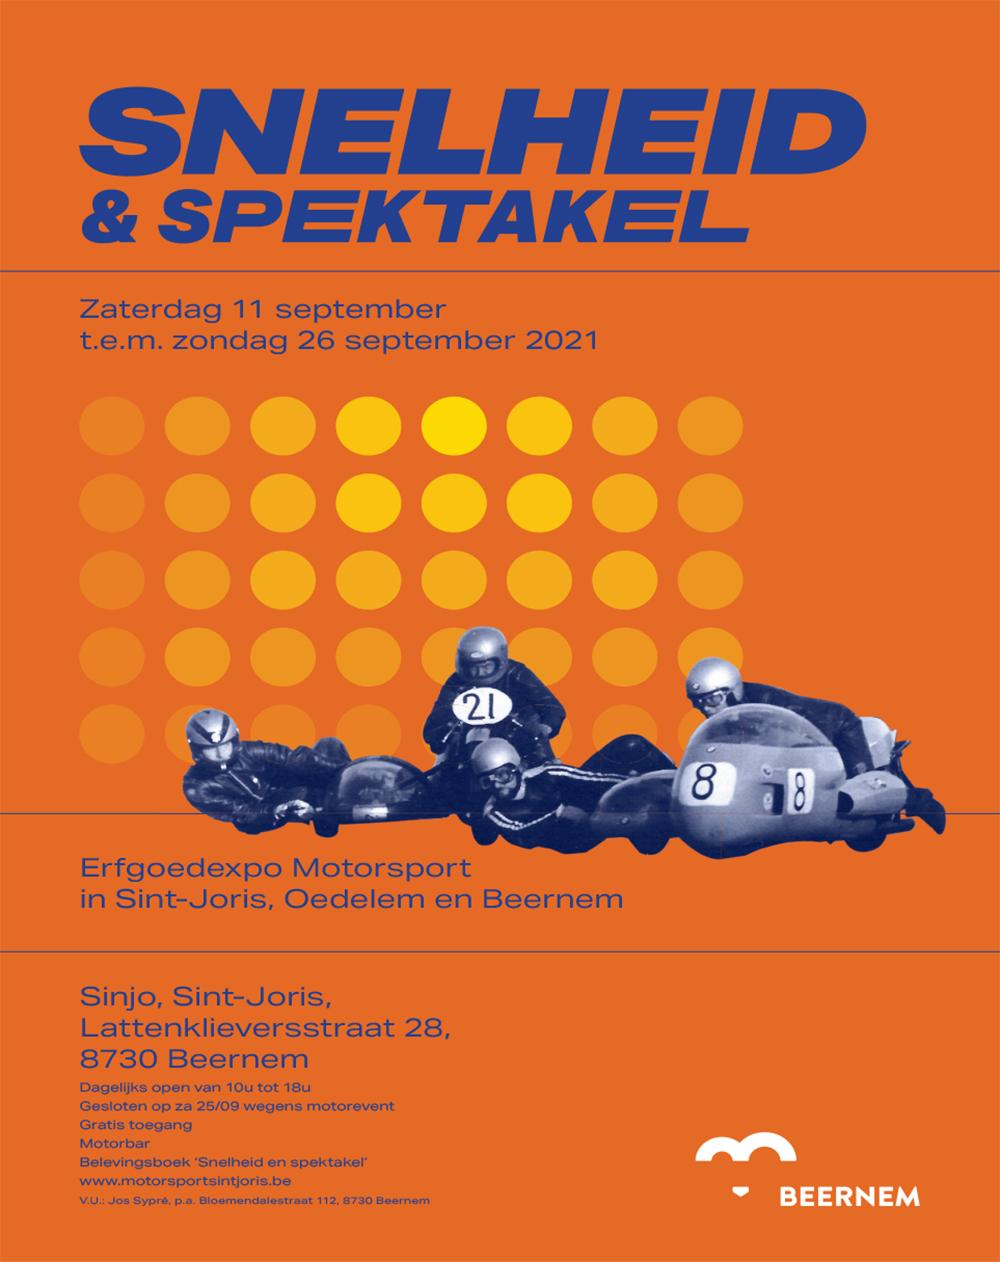 Affiche Snelheid & Spektakel